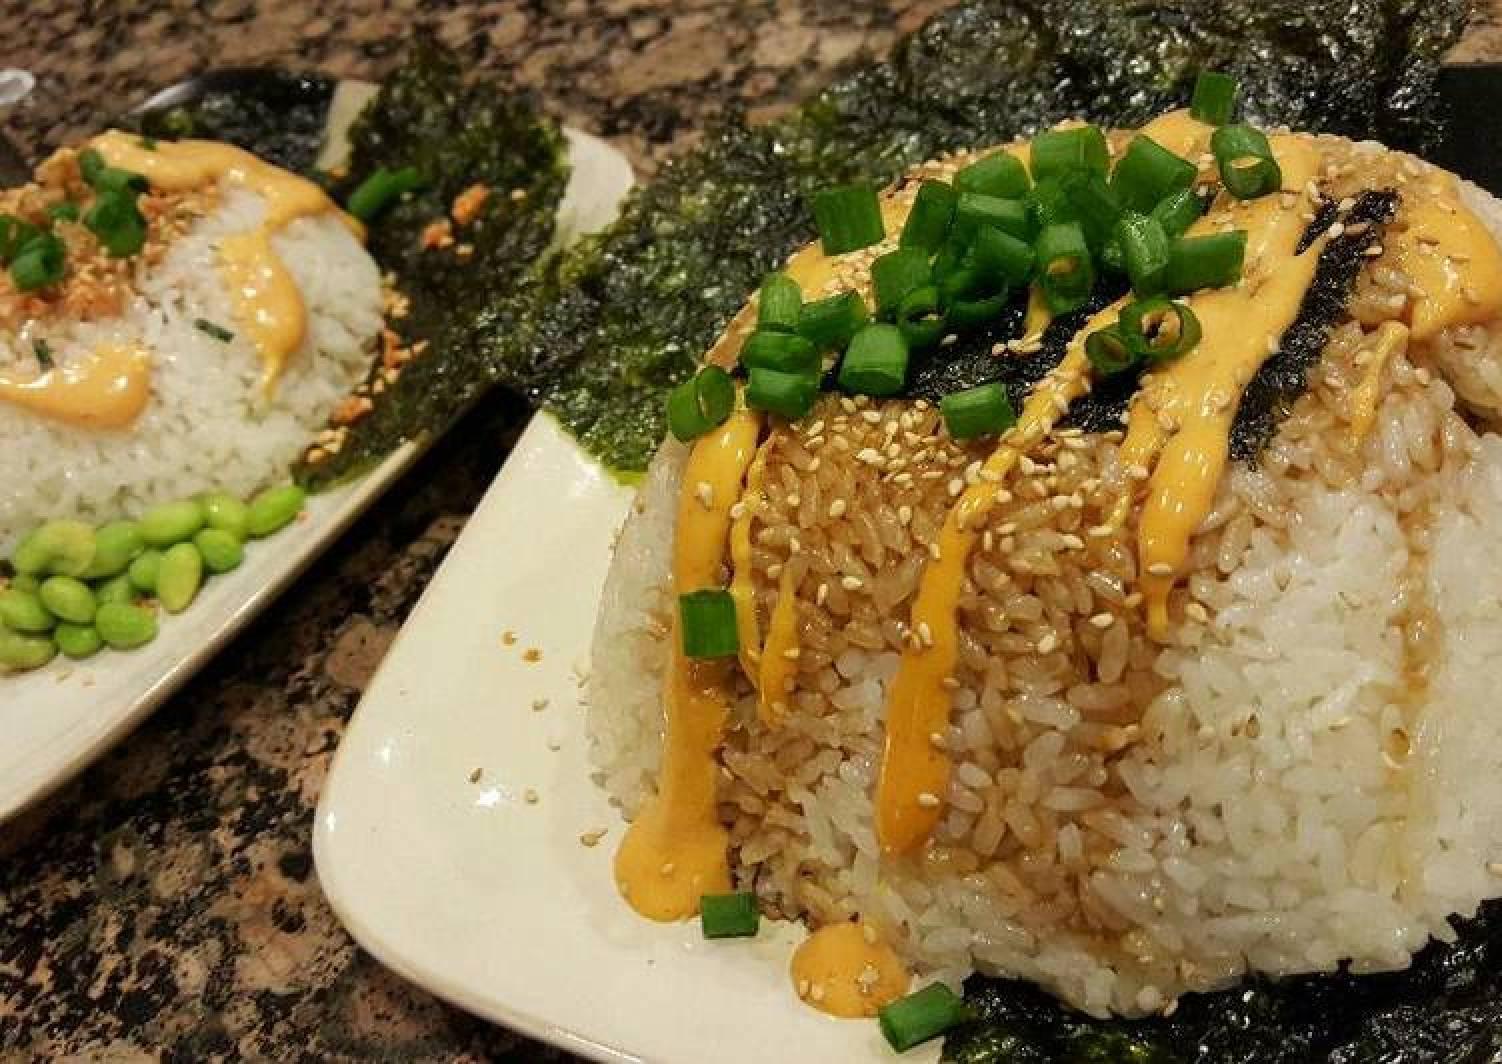 Stuffed Sushi Rice